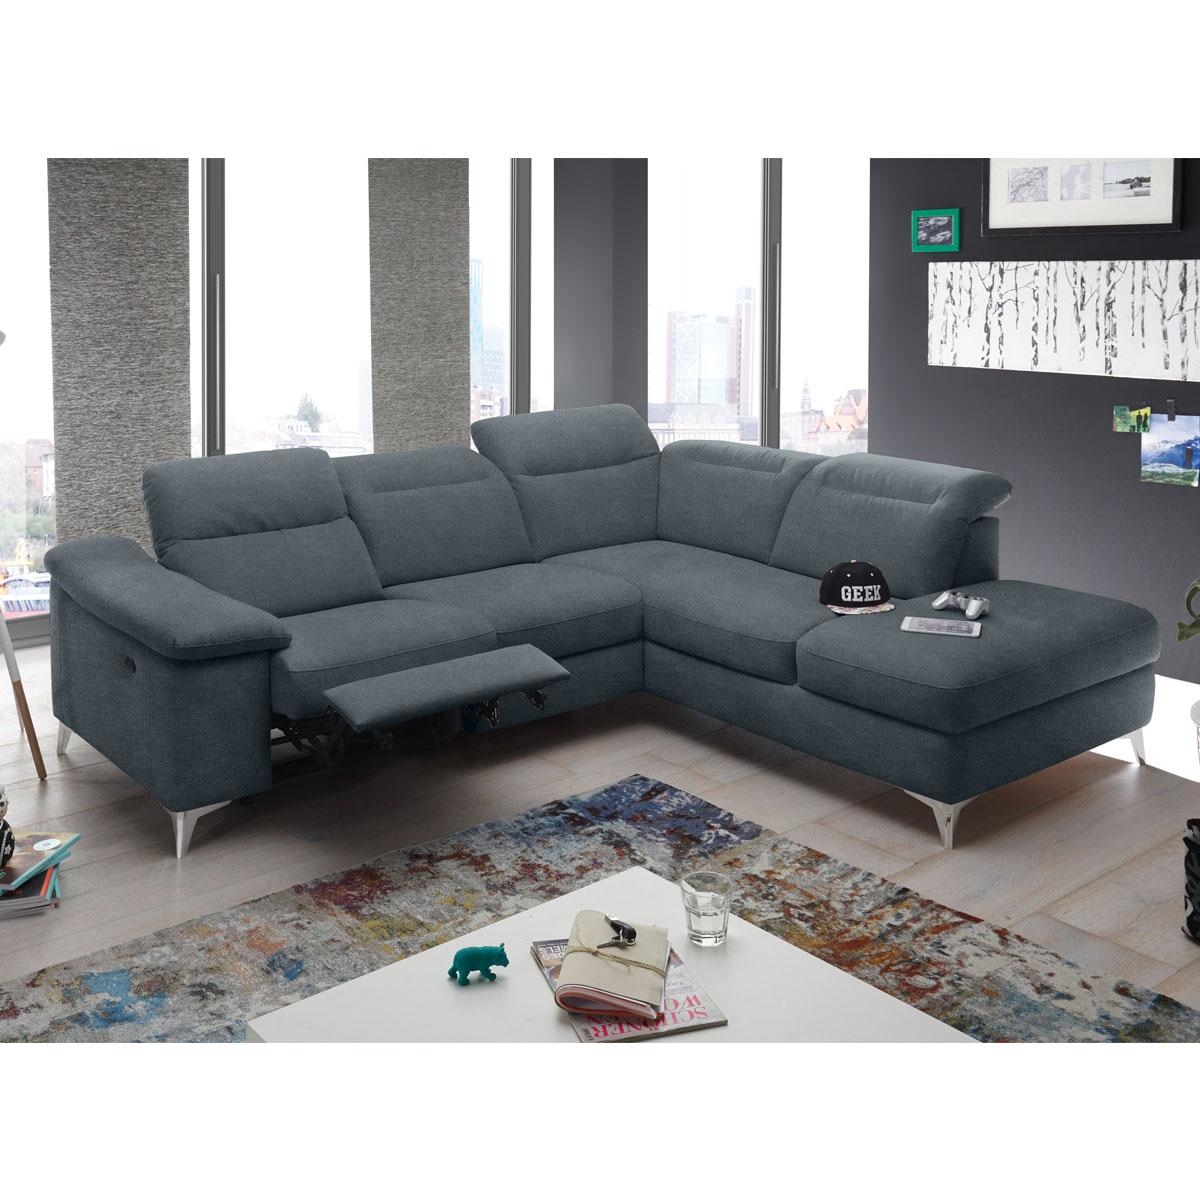 Full Size of Sofa Mit Relaxfunktion Elektrisch 2er Elektrischer Couch Verstellbar 3 Sitzer 3er 2 5 Sitztiefenverstellung Test Ecksofa Türkische Home Affair Bett Sofa Sofa Mit Relaxfunktion Elektrisch